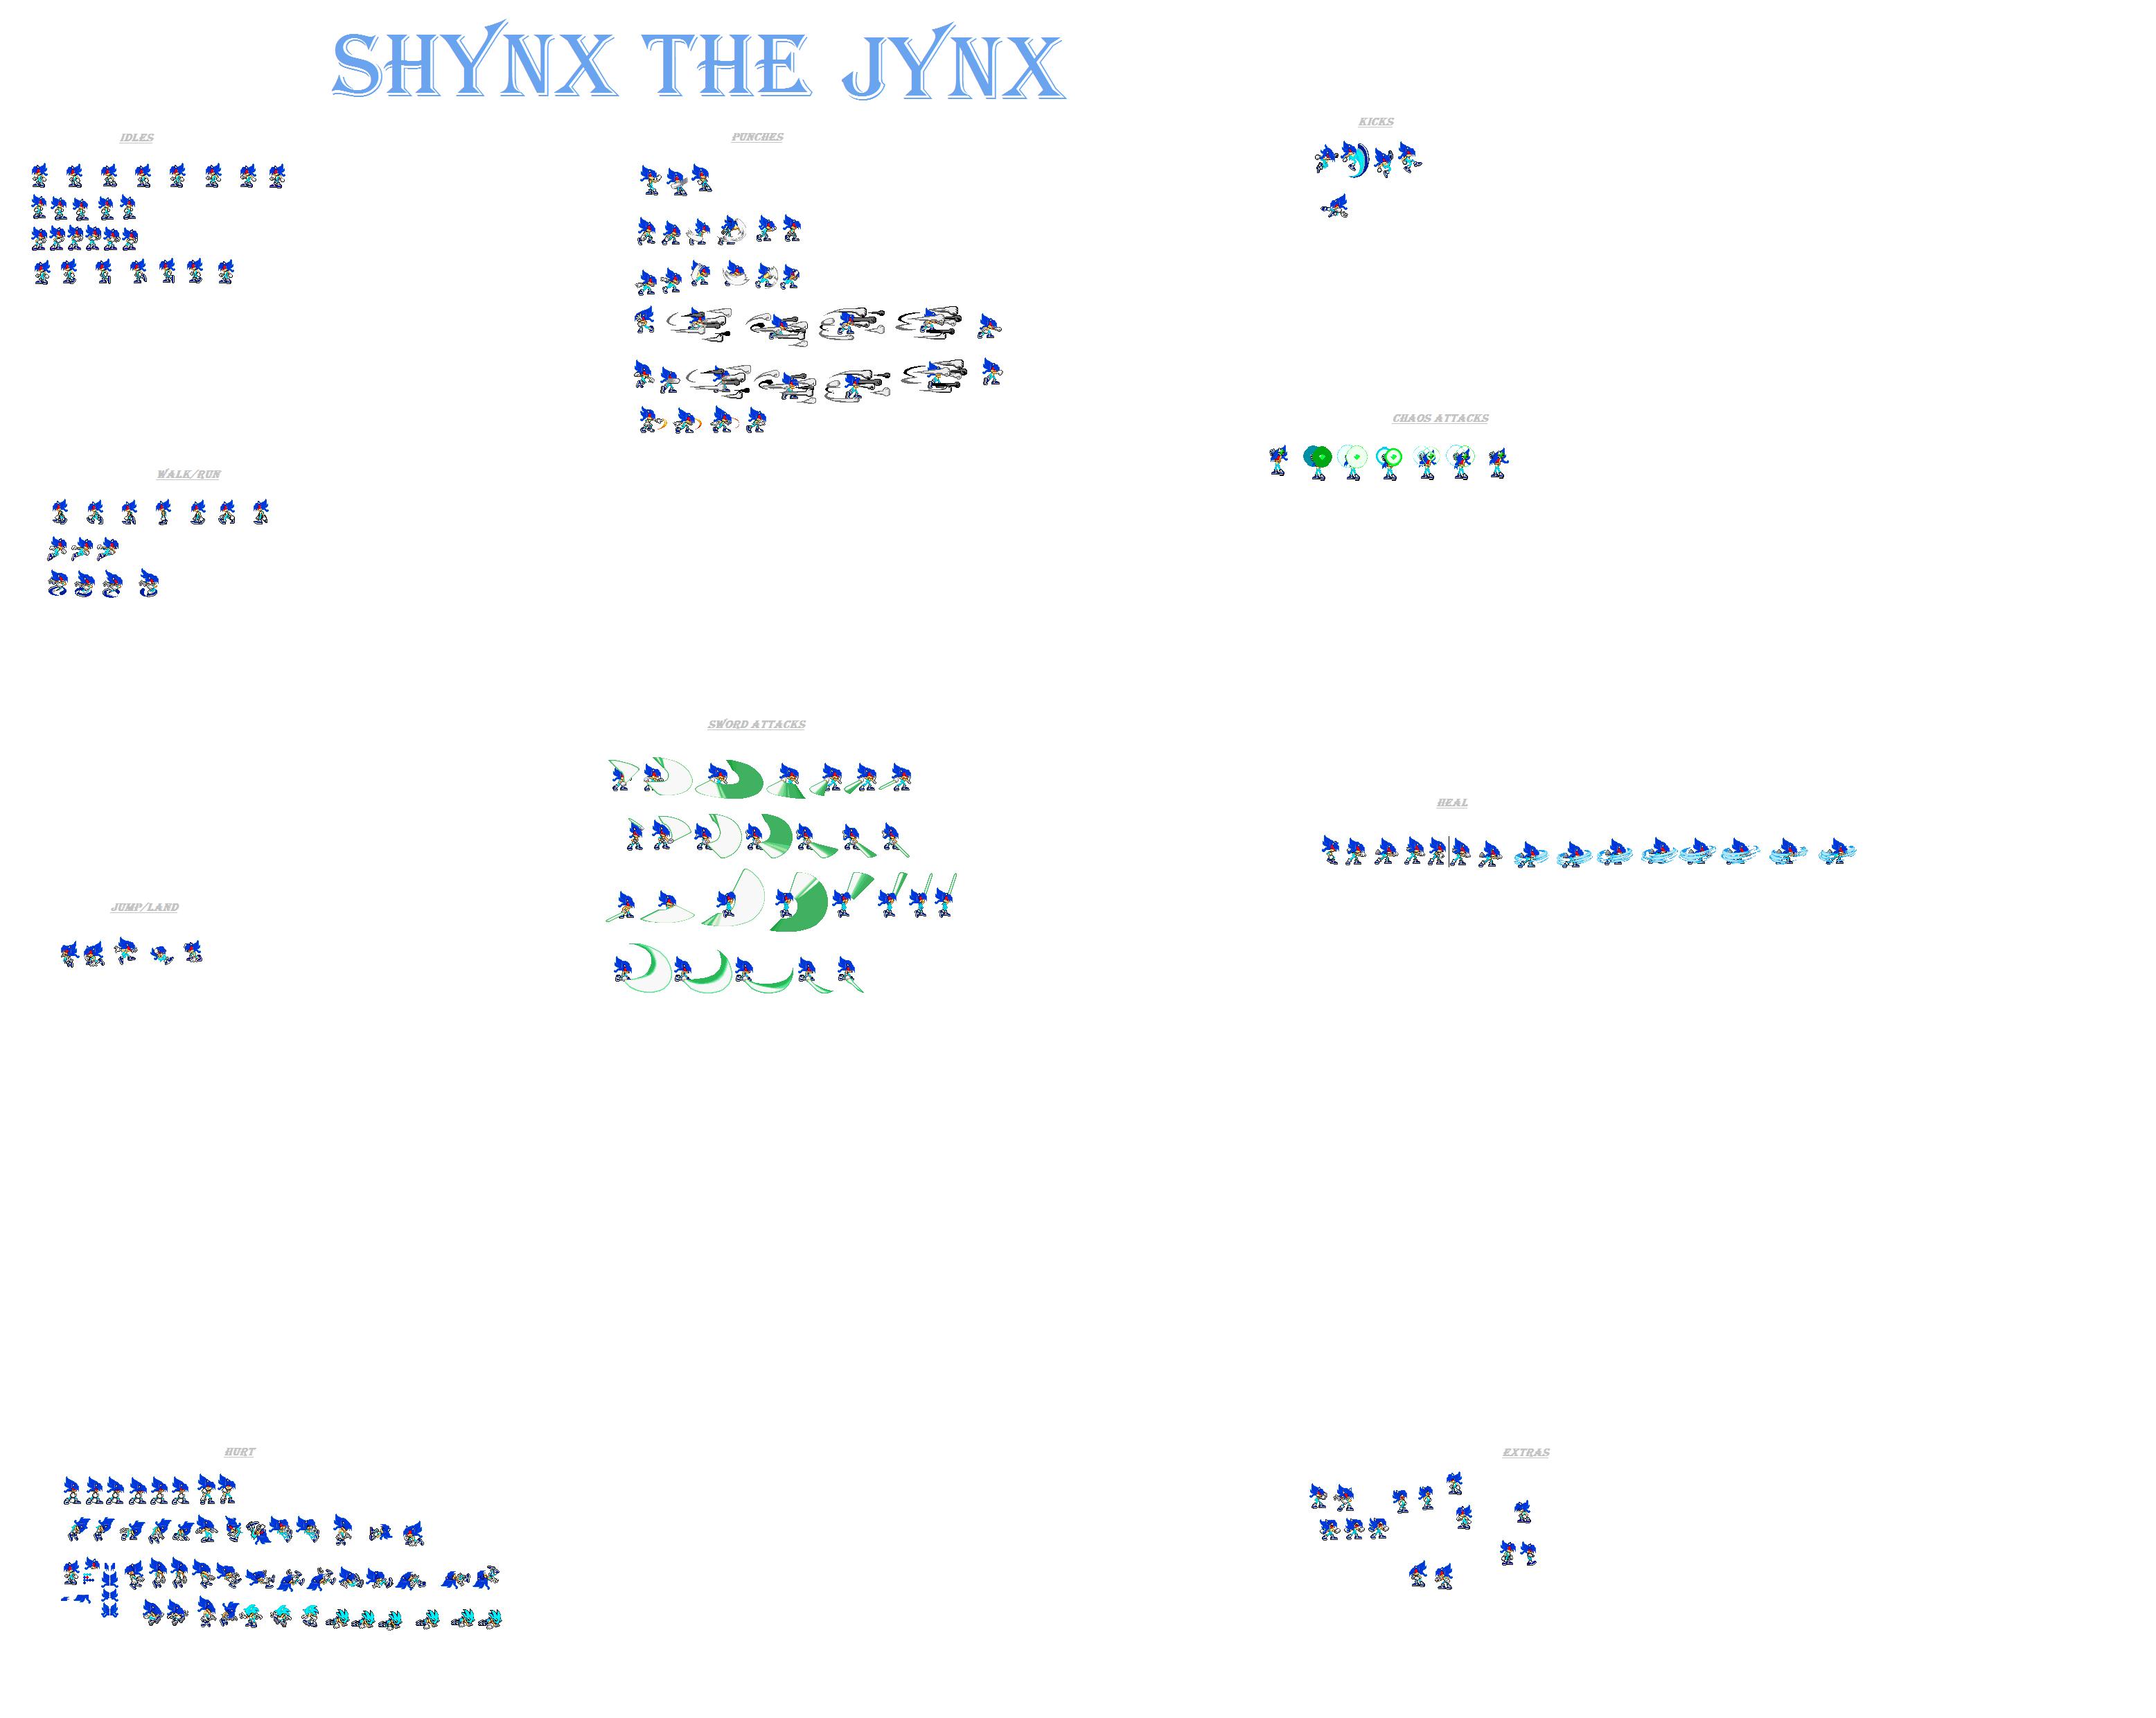 Shynx update